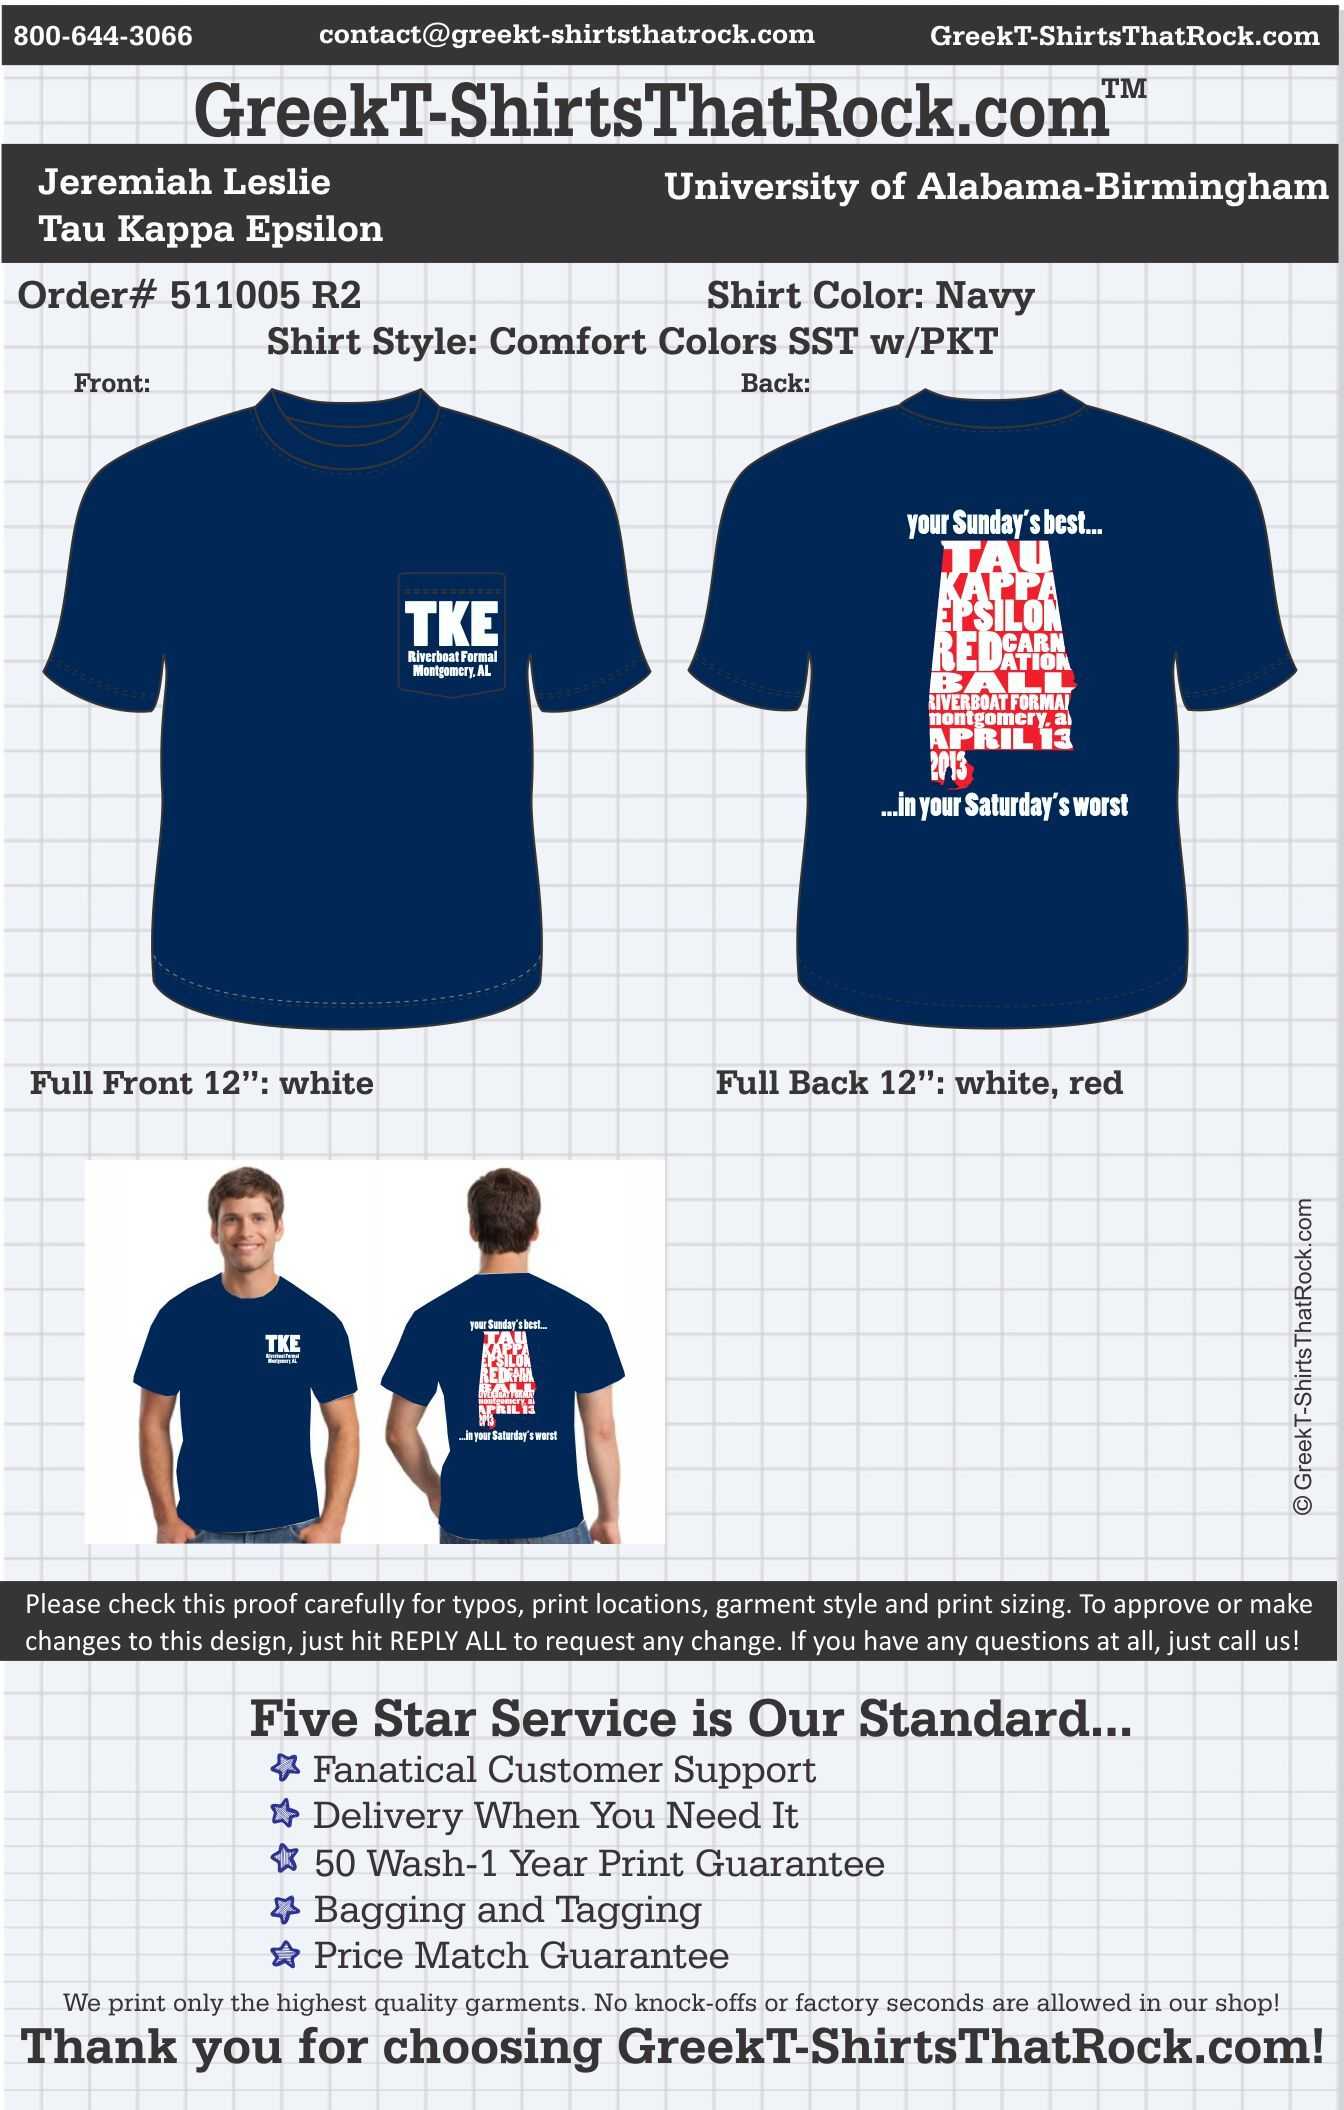 tke #teke tau kappa epsilon shirts t-shirts fraternity rush